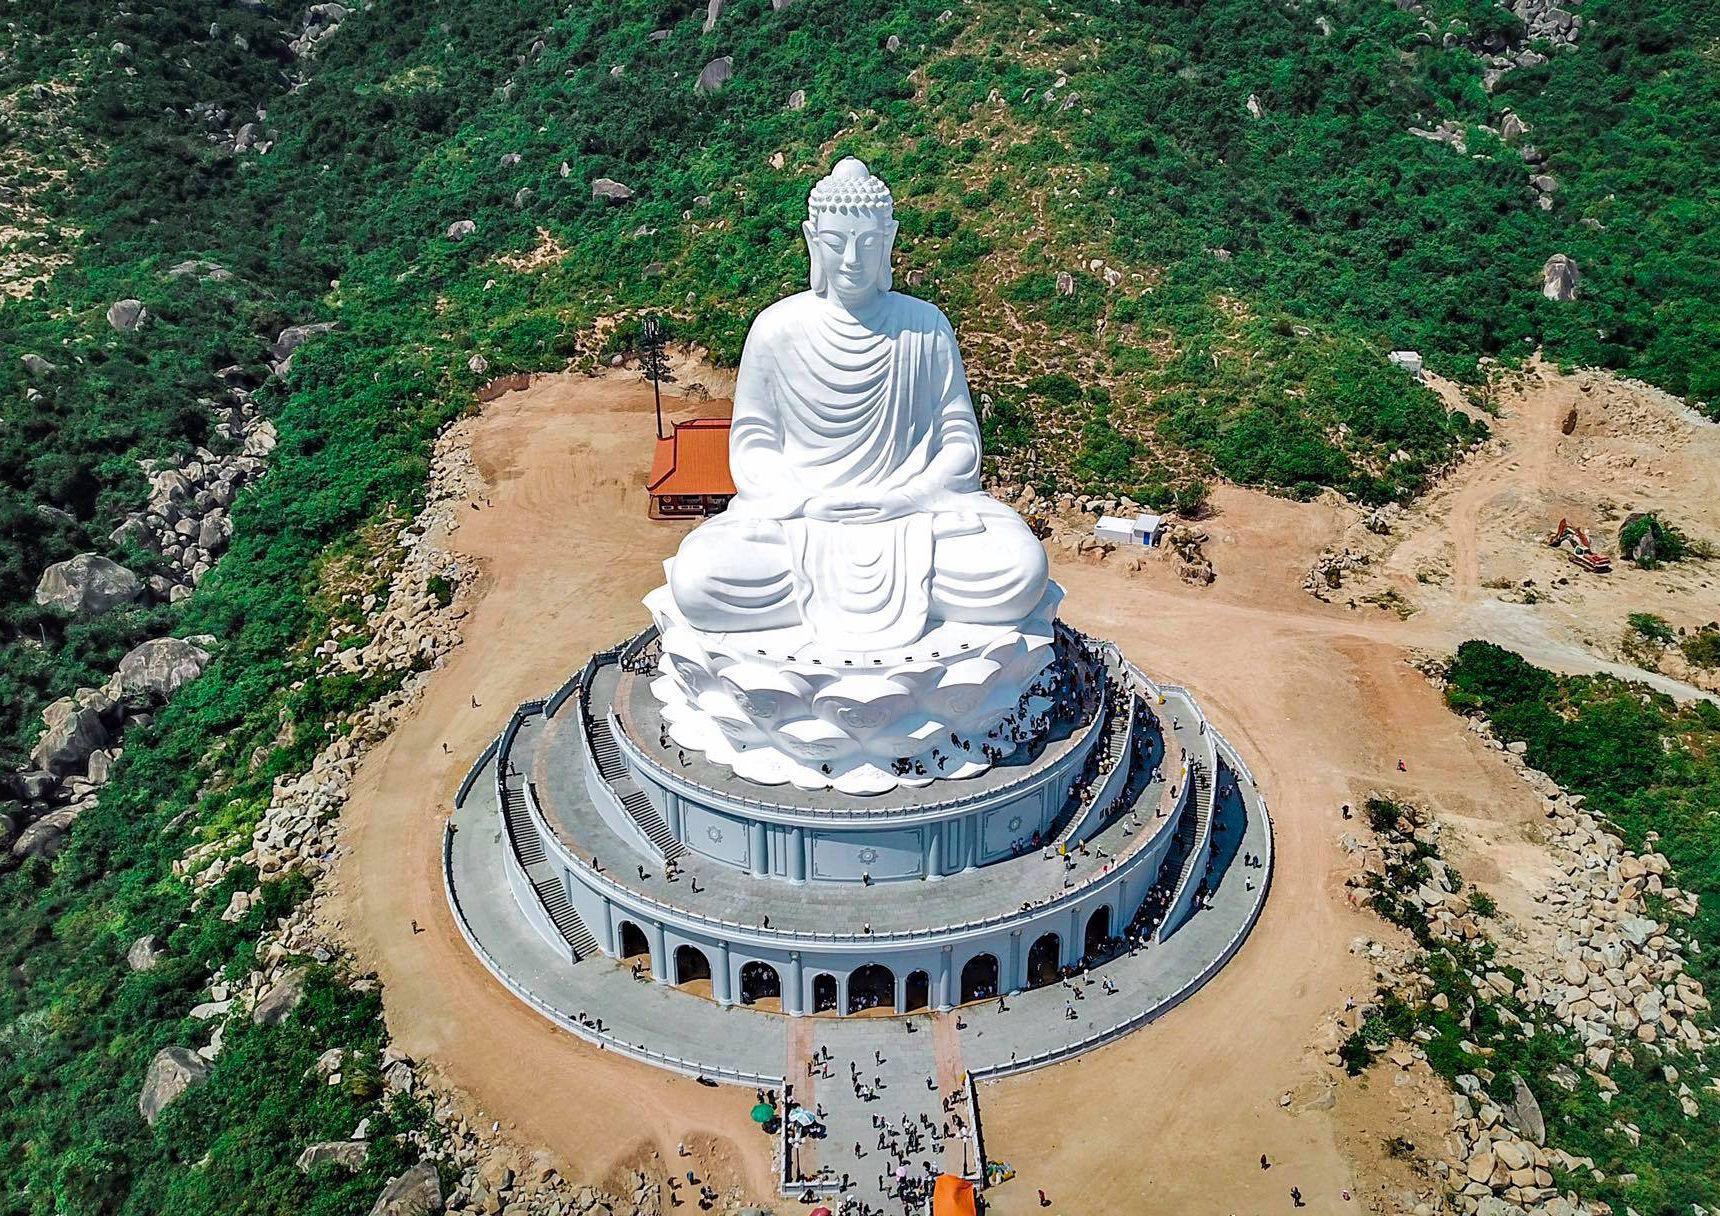 Đến Quy Nhơn tận hưởng cảnh sắc biển tuyệt đẹp và thăm tượng Phật ngồi lớn nhất Đông Nam Á